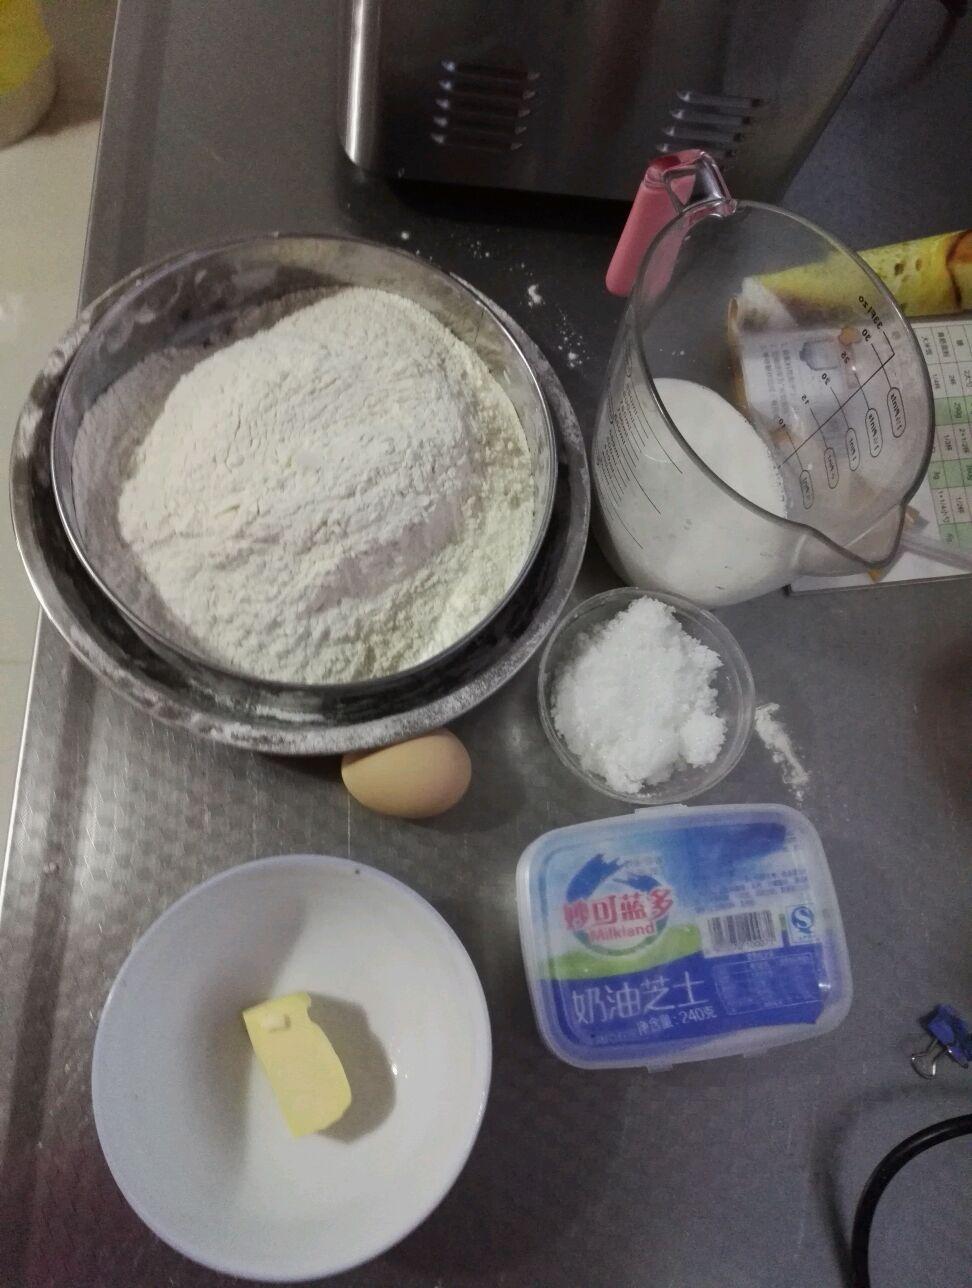 面包机奶酪土司的做法步骤